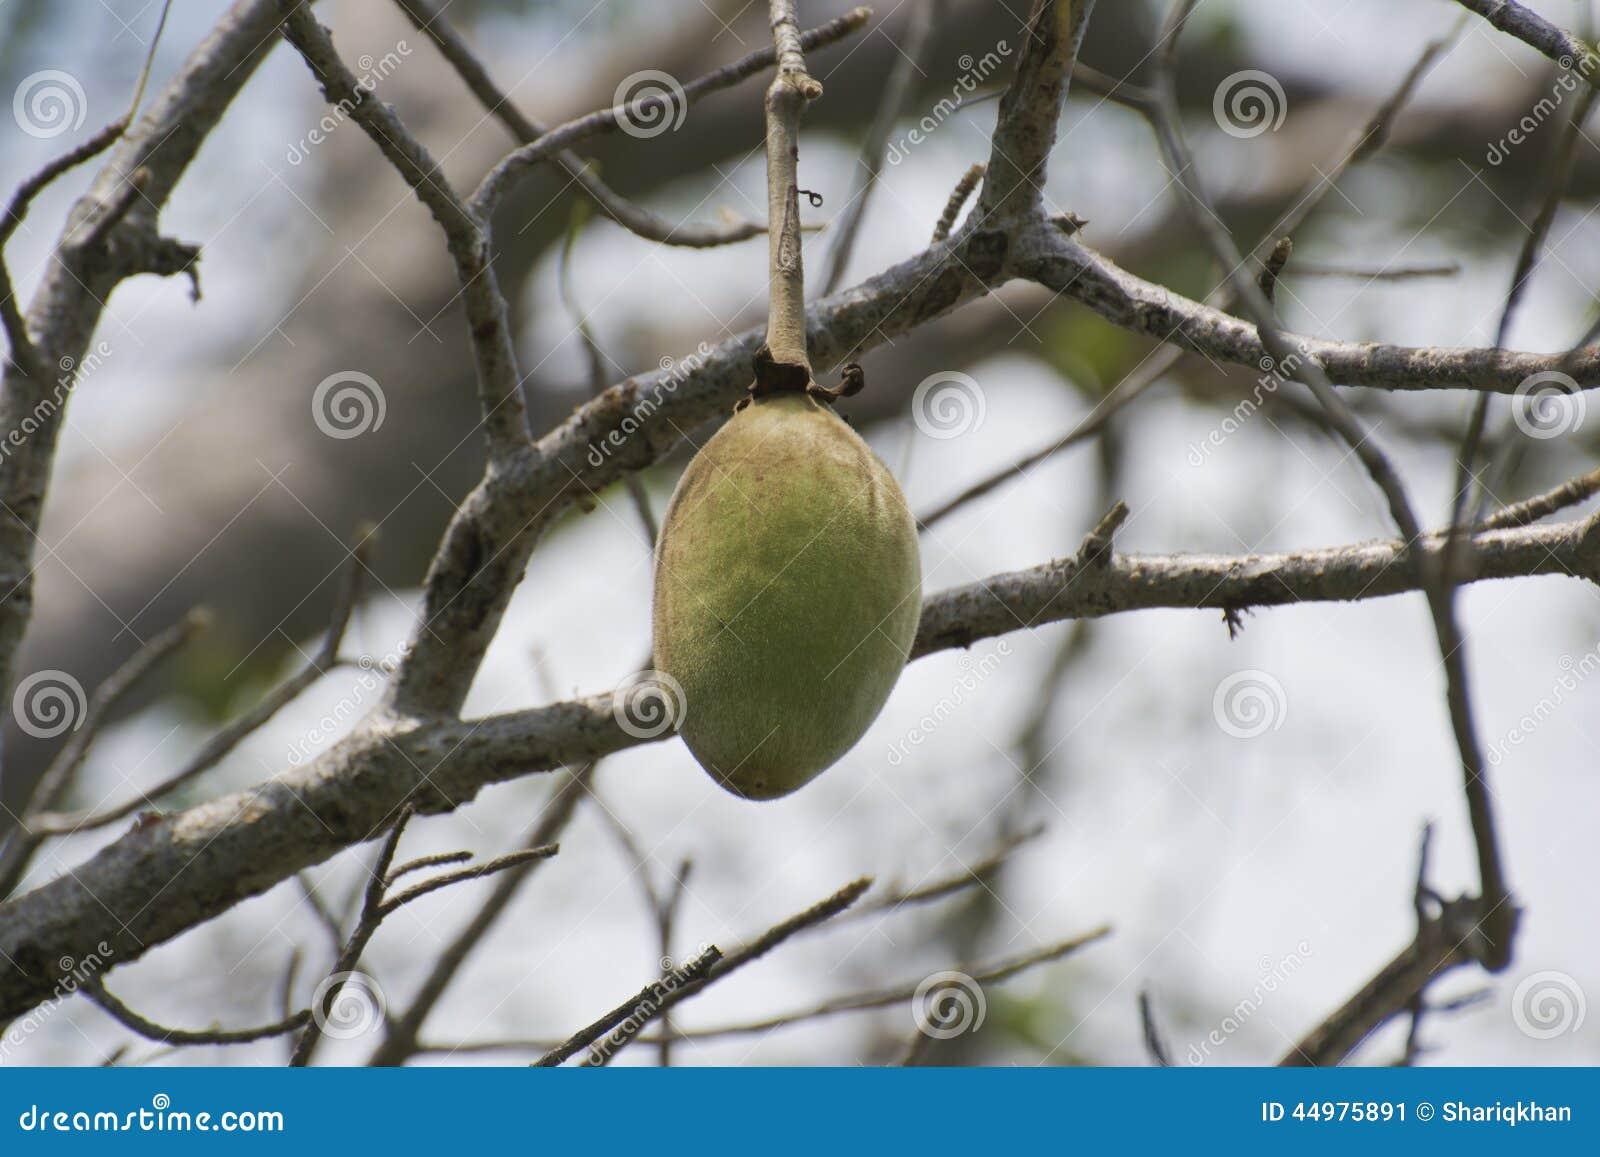 Baobab Frucht Die Am Baum Hangt Stockbild Bild Von D0 Nave 44975891